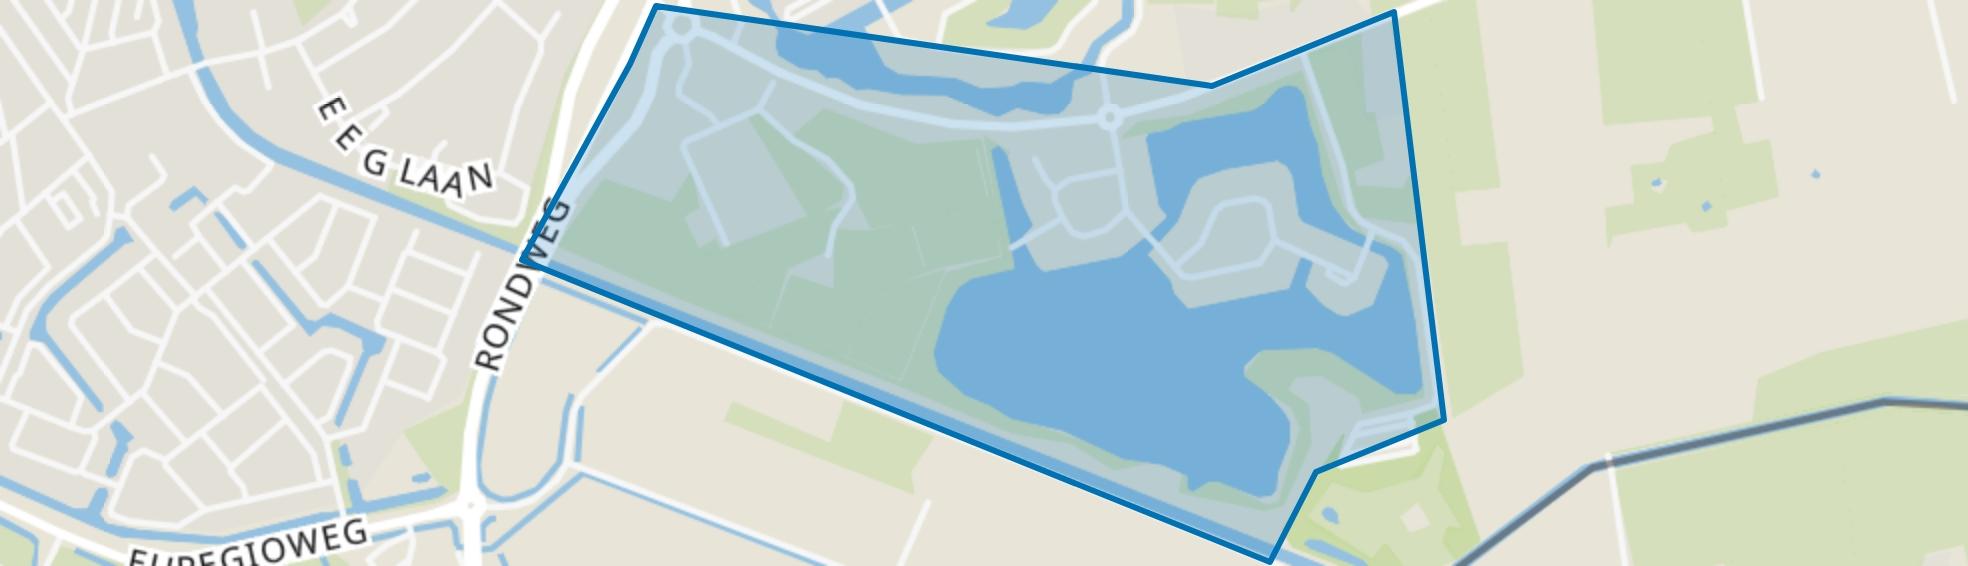 Klinkenvlier, Coevorden map